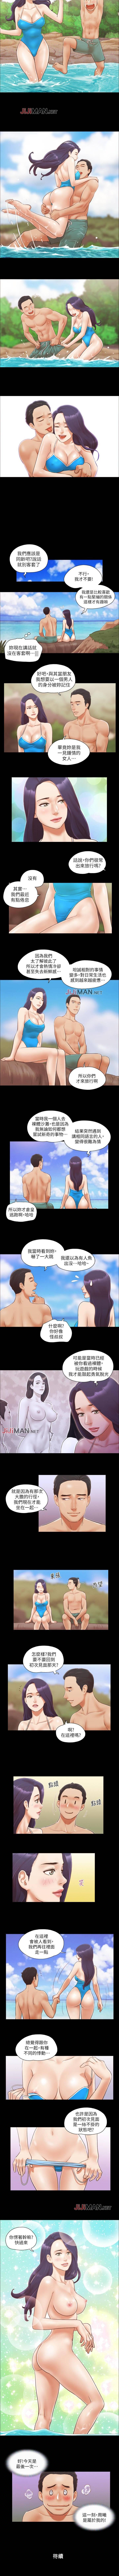 【周五连载】协议换爱(作者:遠德) 第1~57话 44